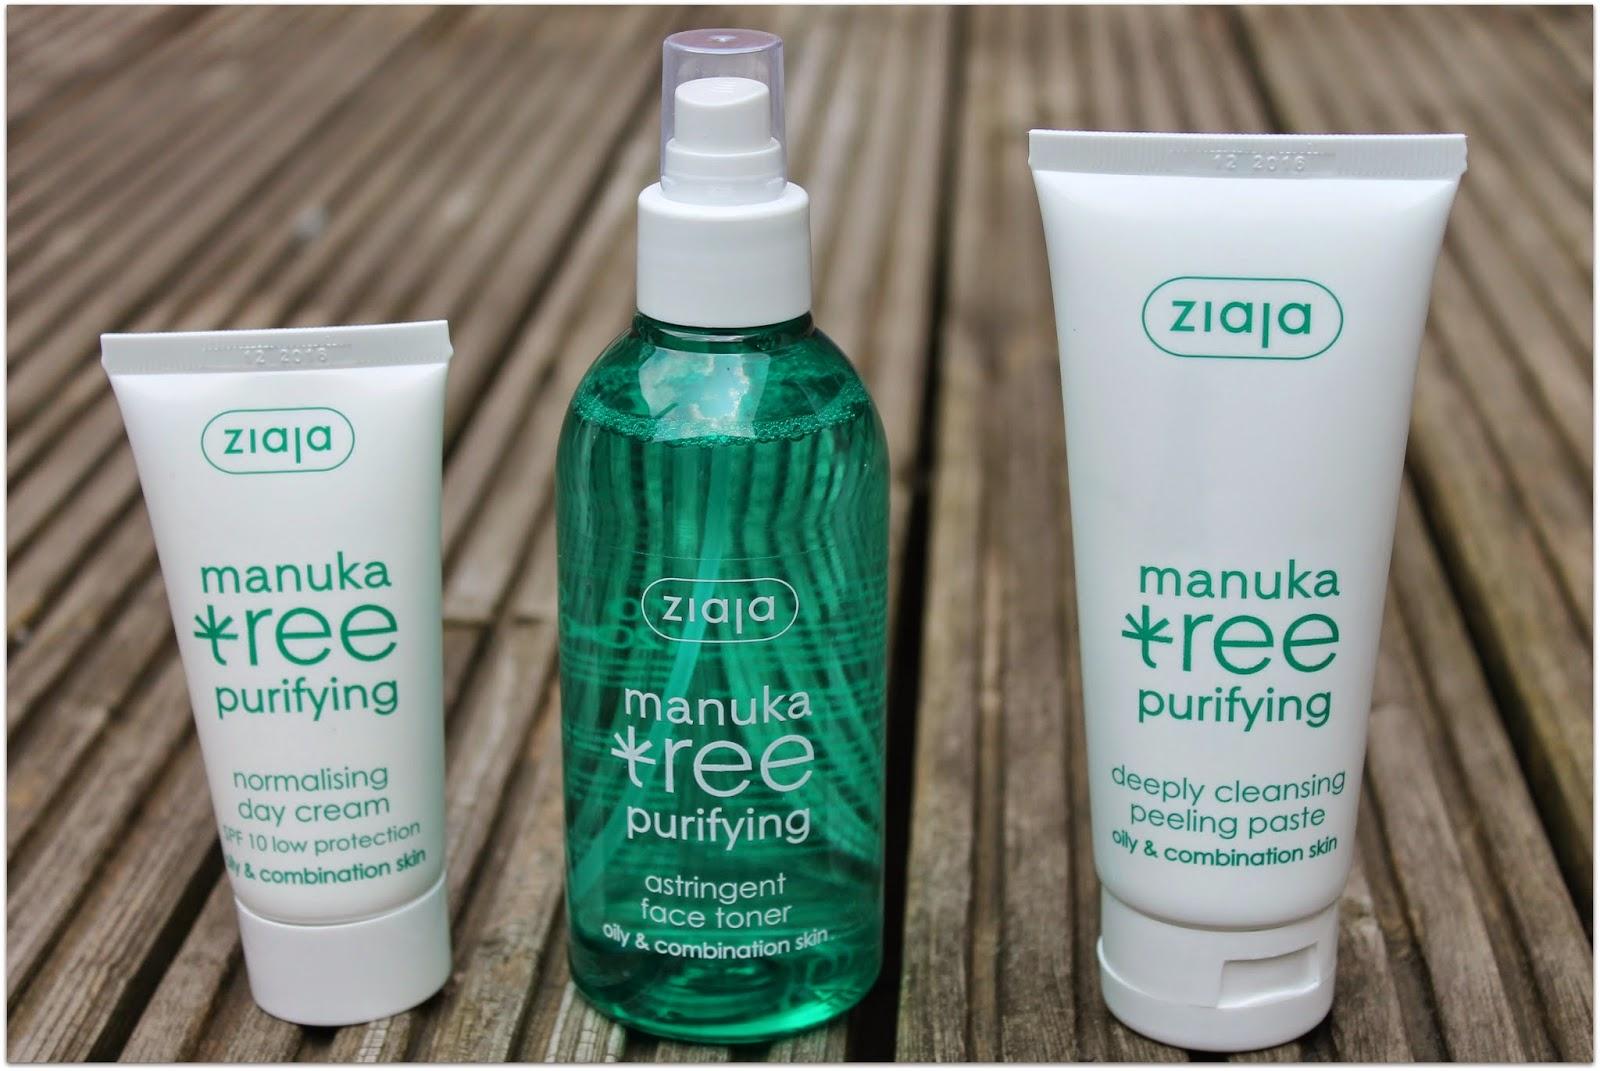 Ziaja Manuka Tree Purifying Range